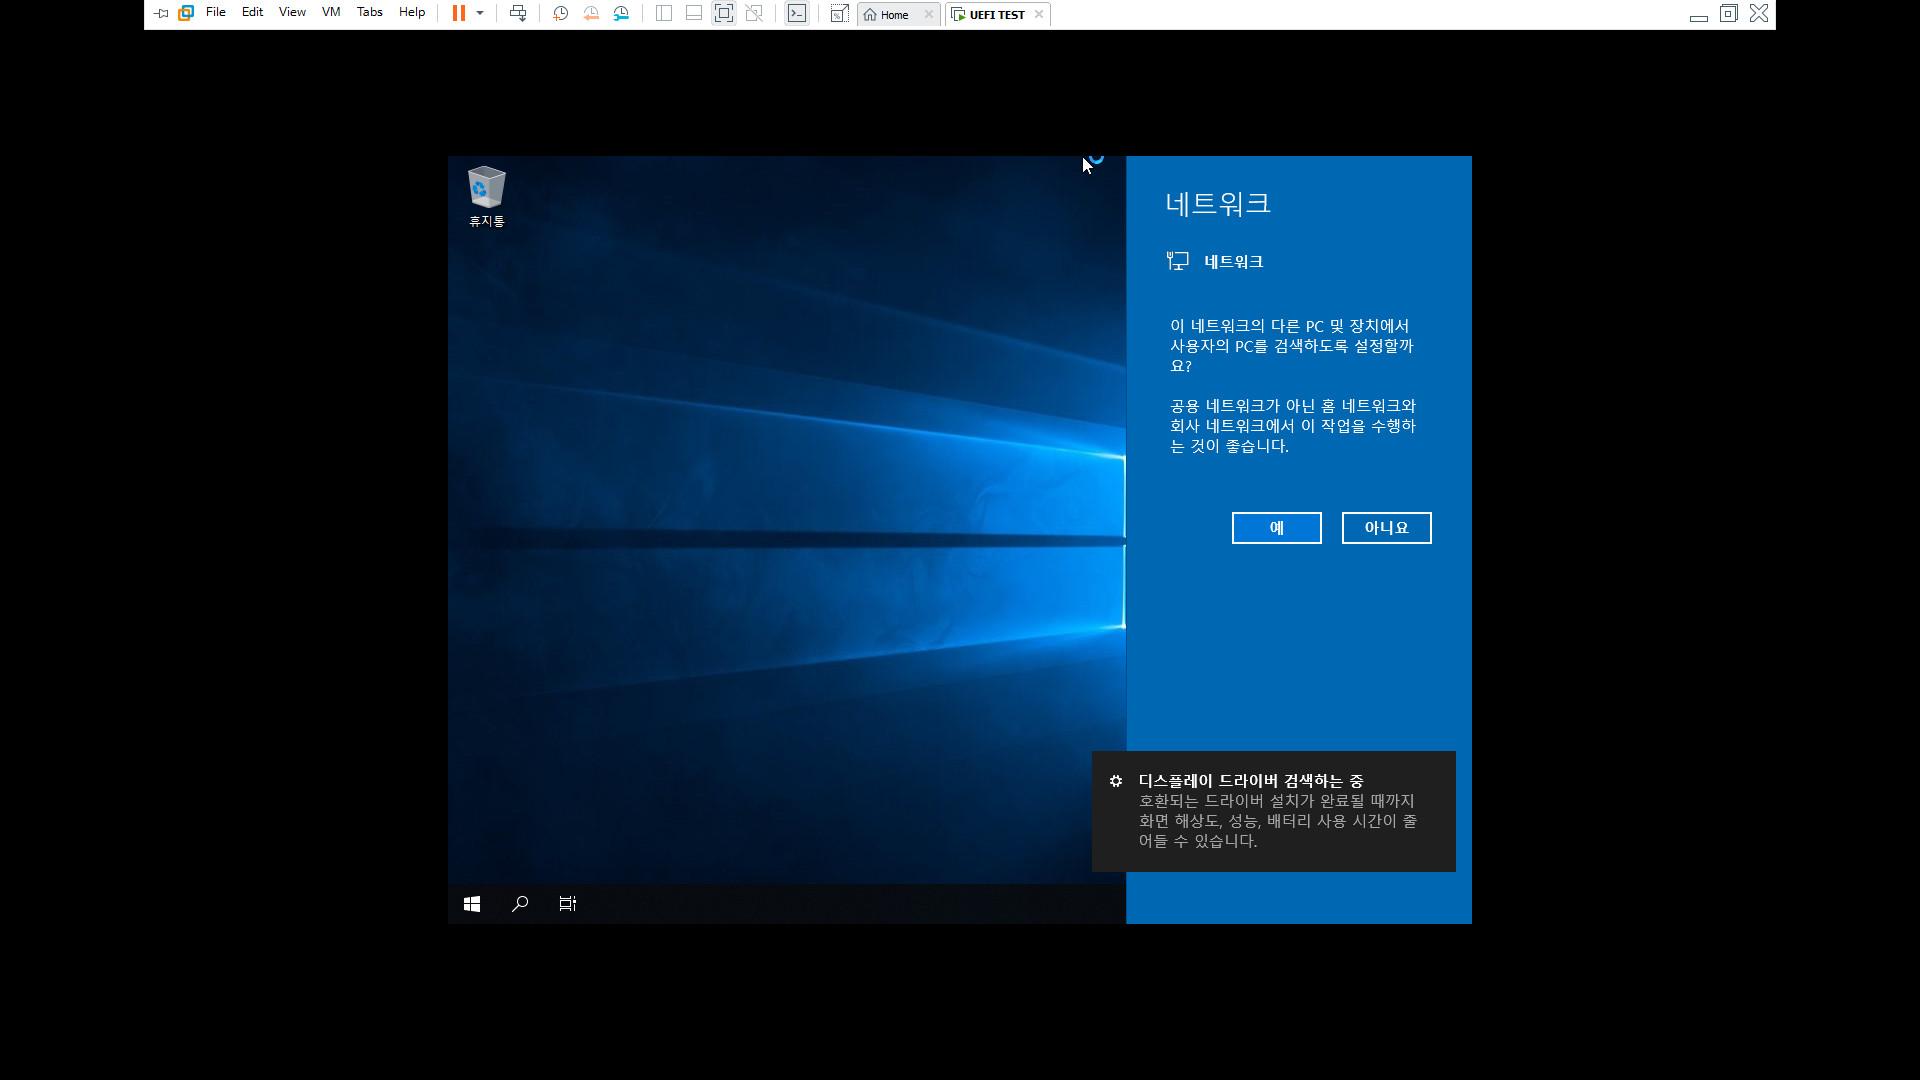 윈도 내장 명령어 diskpart.exe 와 dism.exe 와 bcdboot.exe 으로 UEFI 용 파티션들 만들고 윈도 설치하기 예시 2019-03-15_222528.jpg